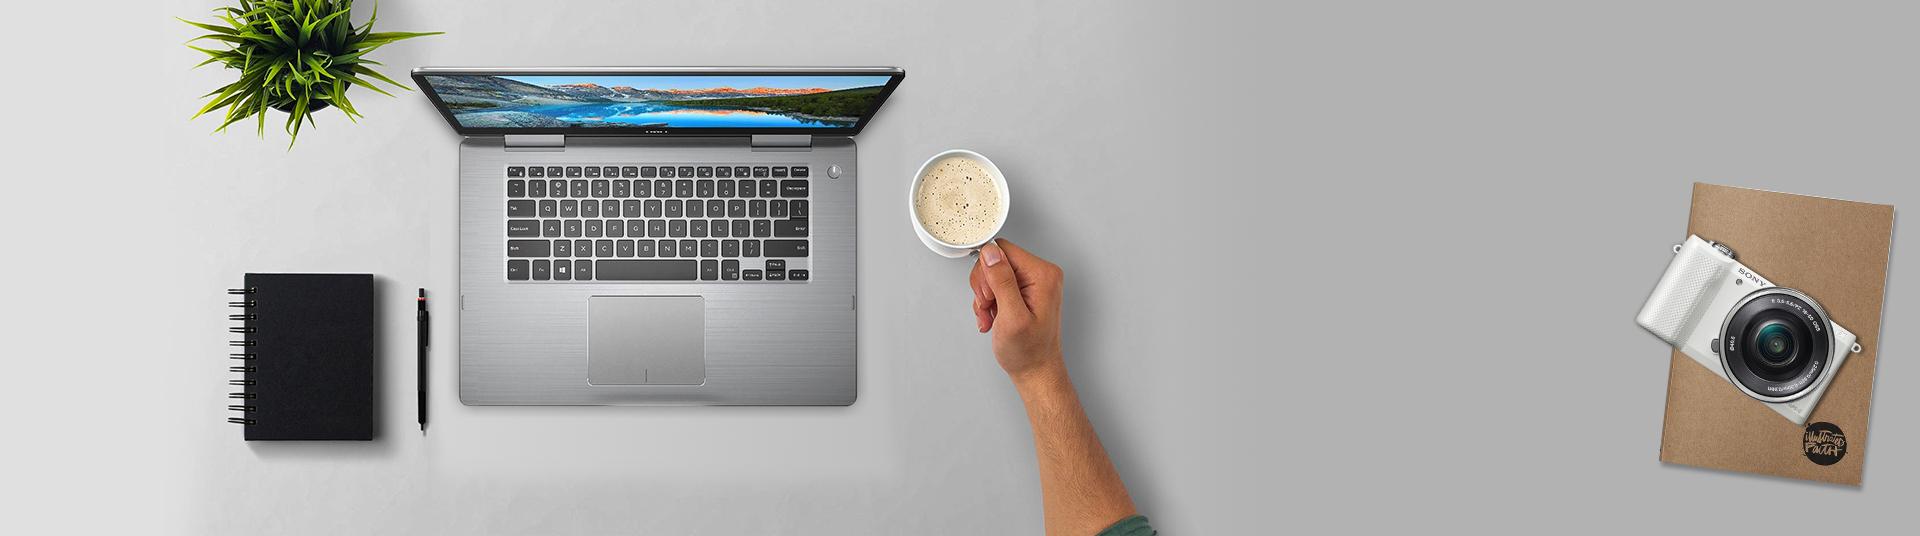 Máy tính xách tay Dell Inspiron 13 T7373A màn hình xoay 360 độ độc đáo